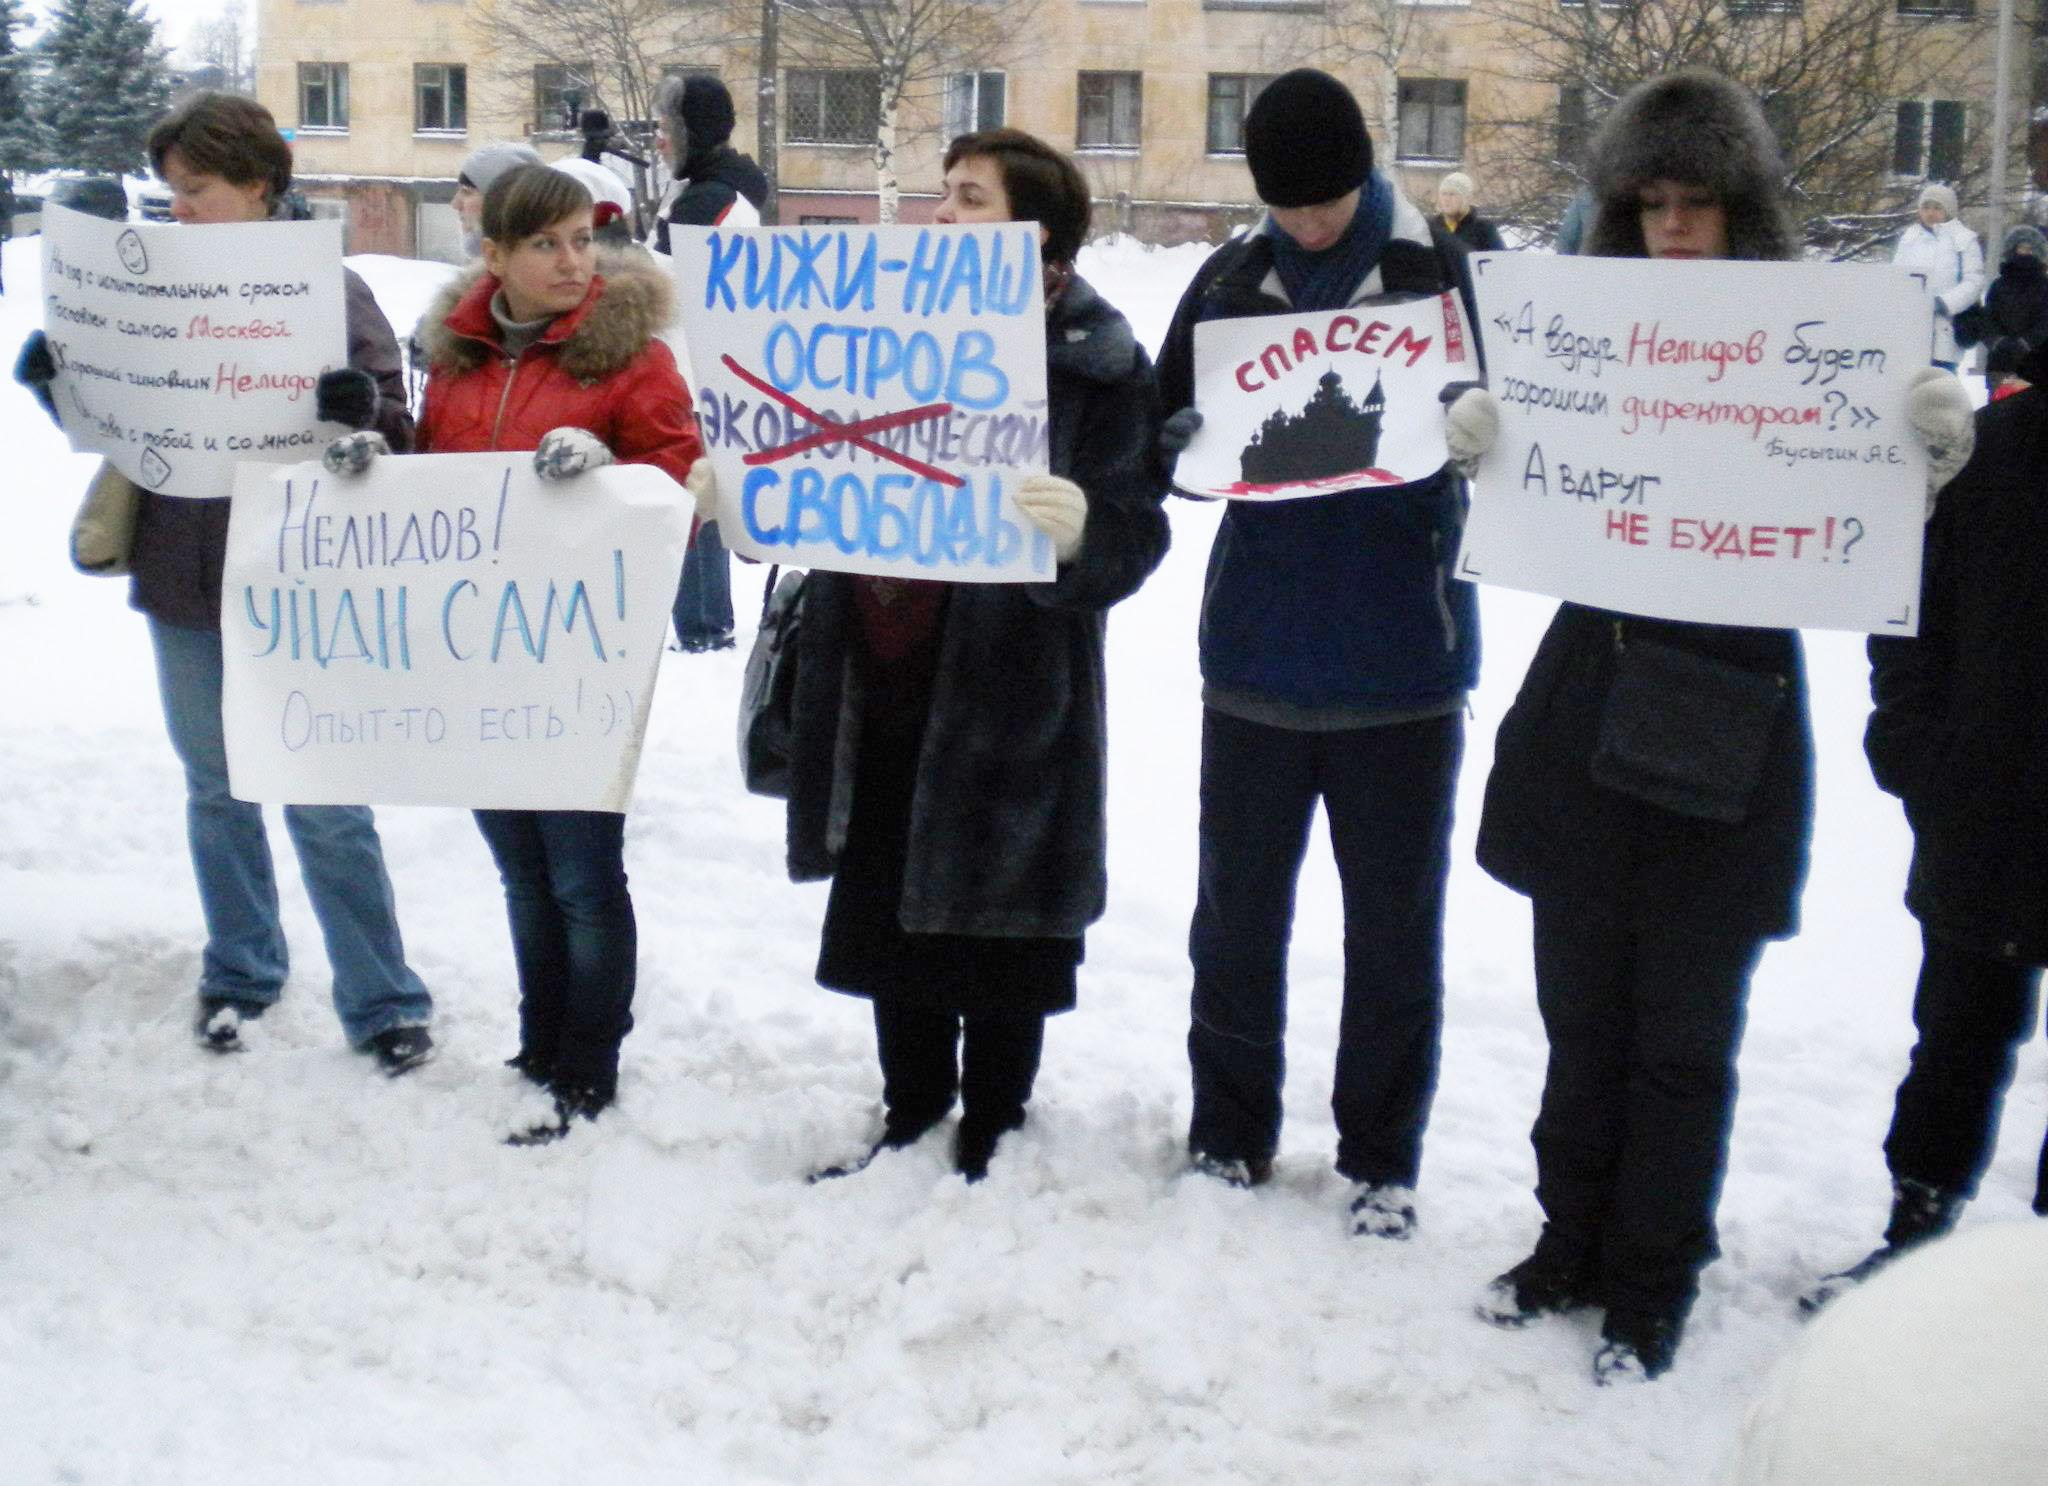 Митинг в защиту Кижей в Петрозаводске. Фото: Валерий Поташов